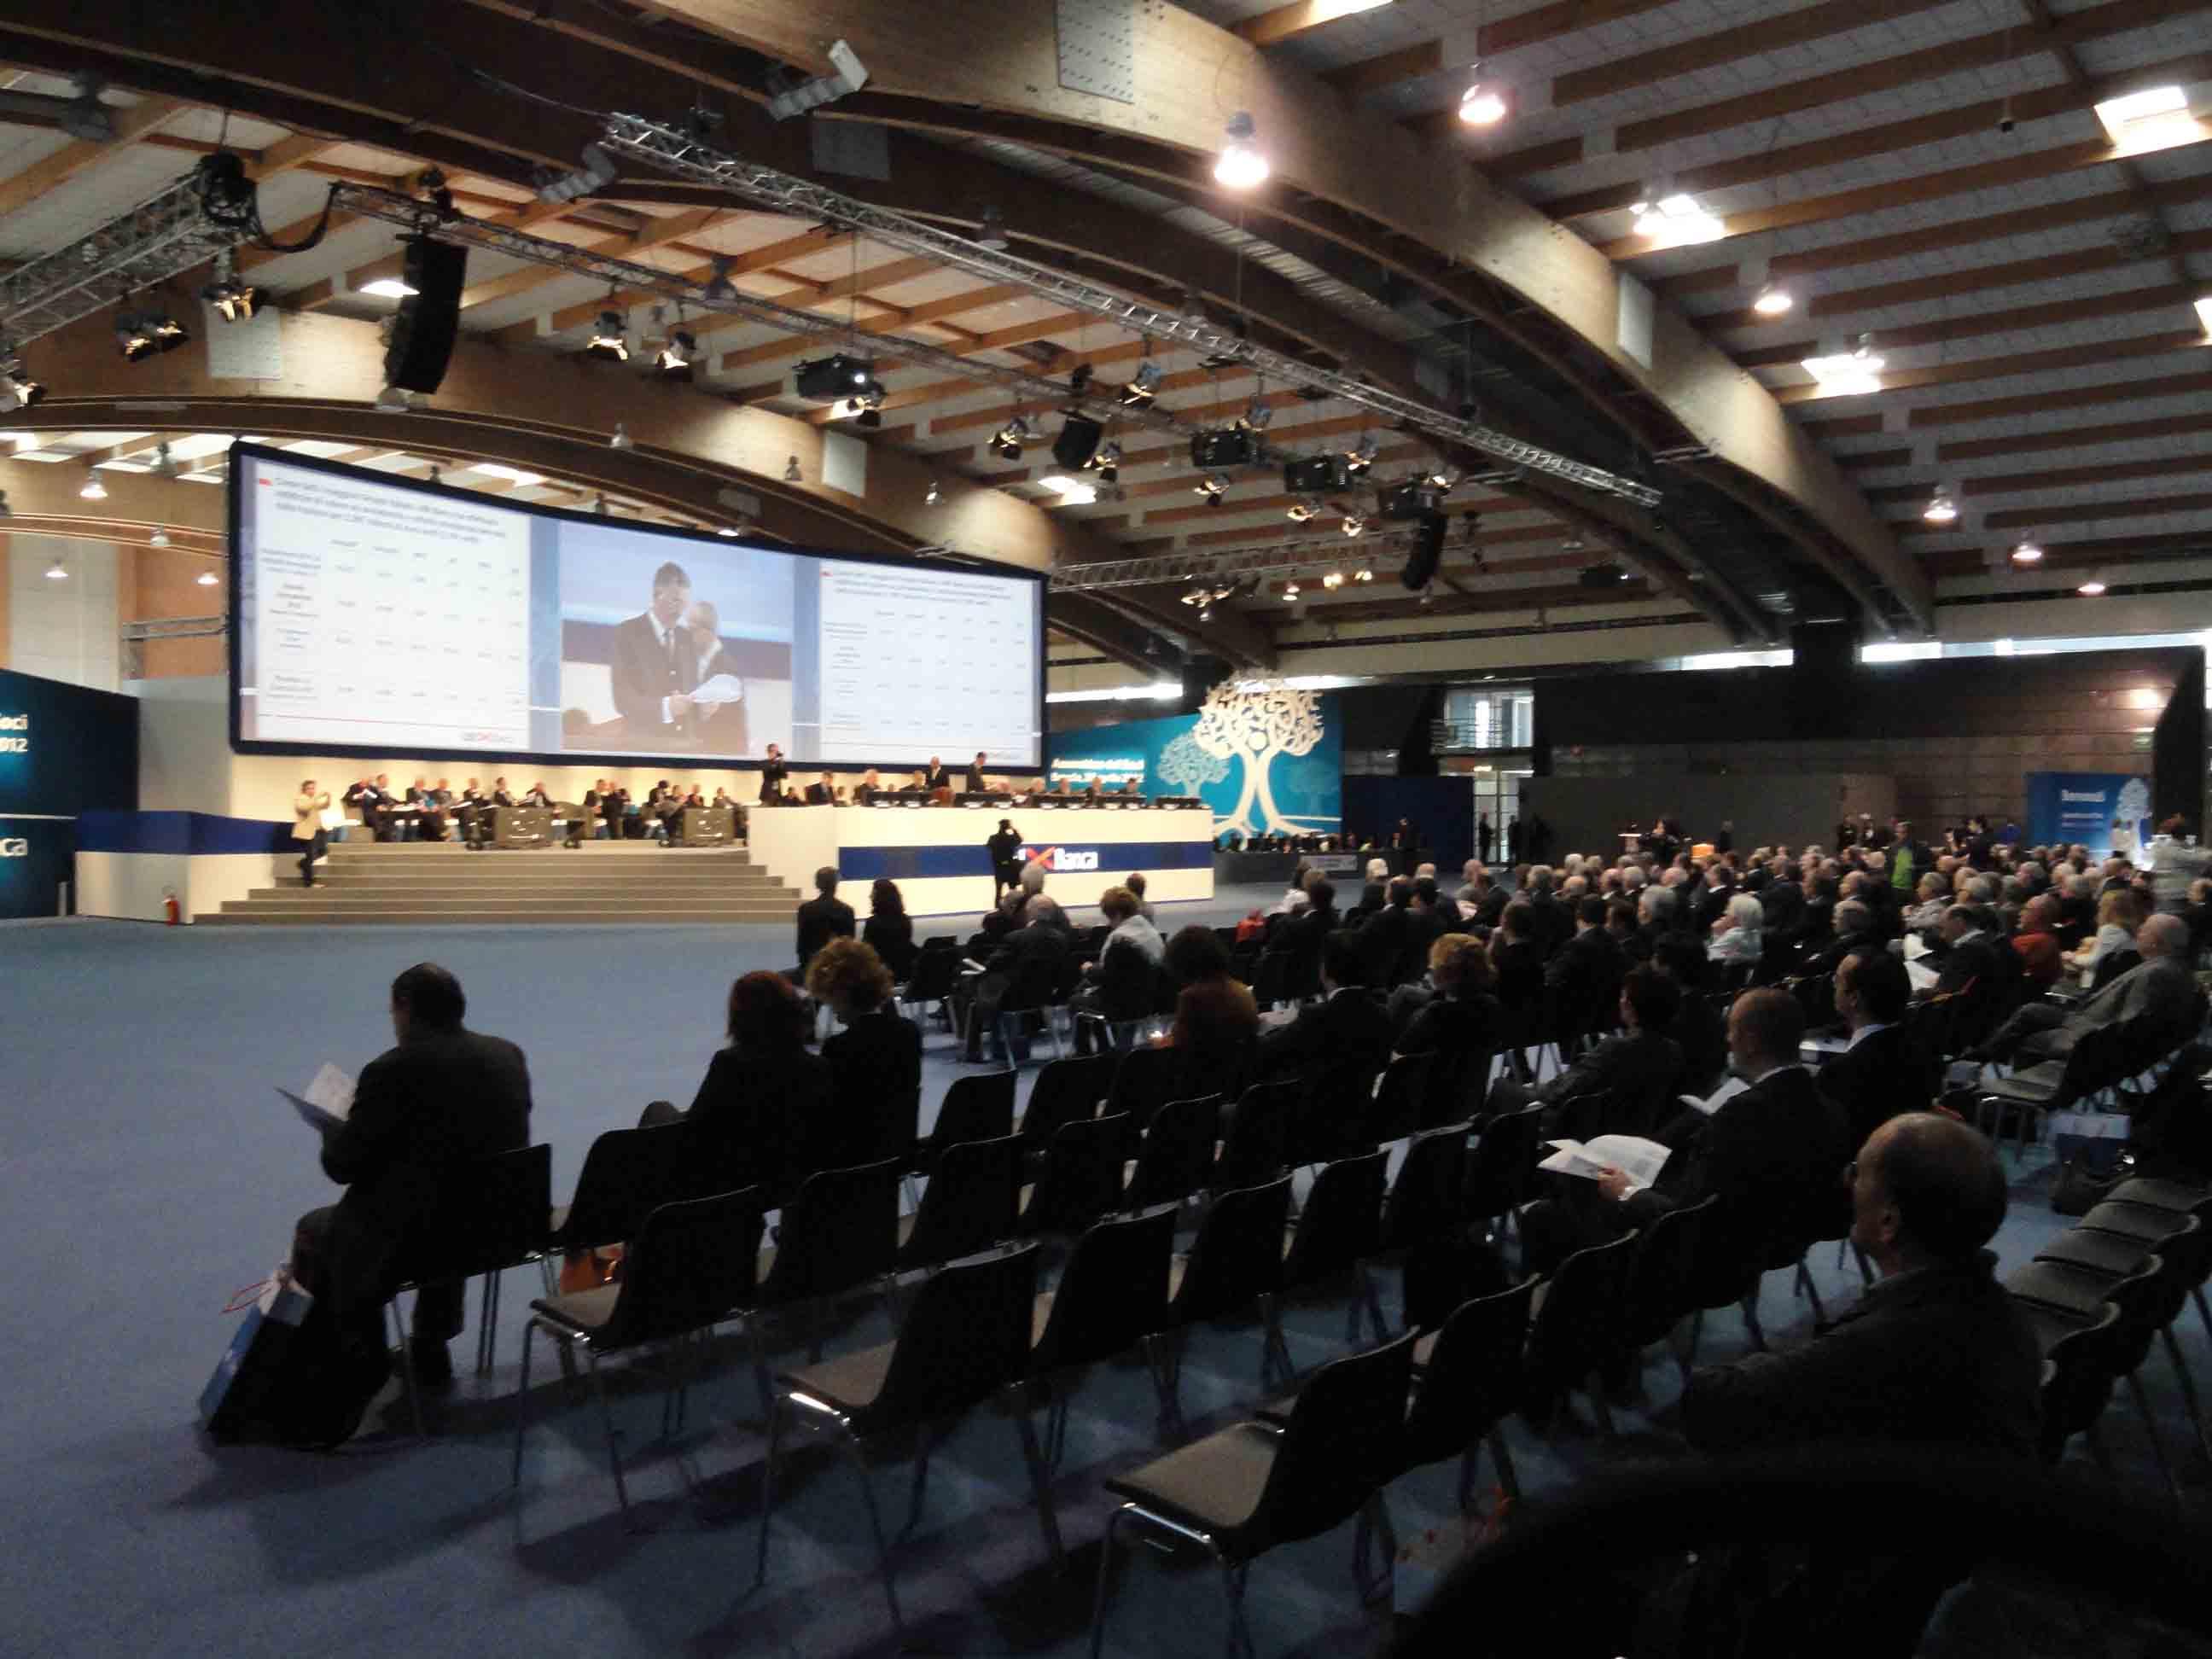 Assemblea UBI: finalmente un dibattito vero